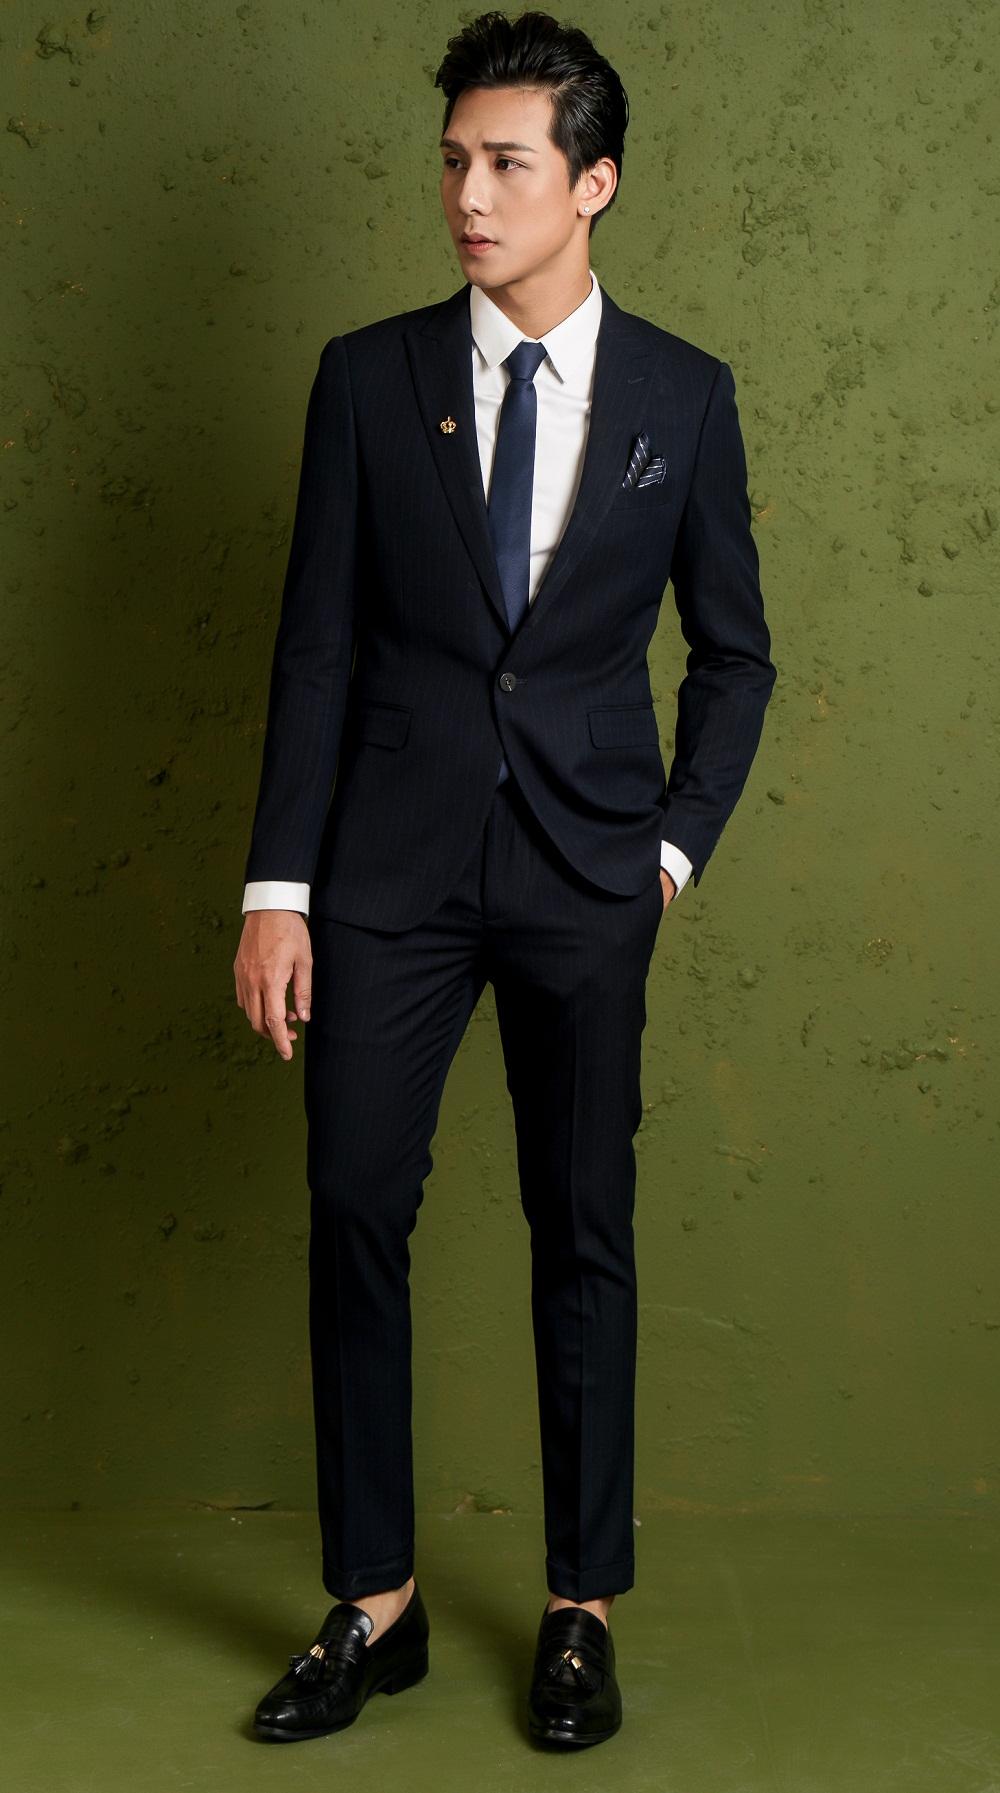 Đến với shop, bạn có thể sử hữu cho mình những bộ vest nam đẹp